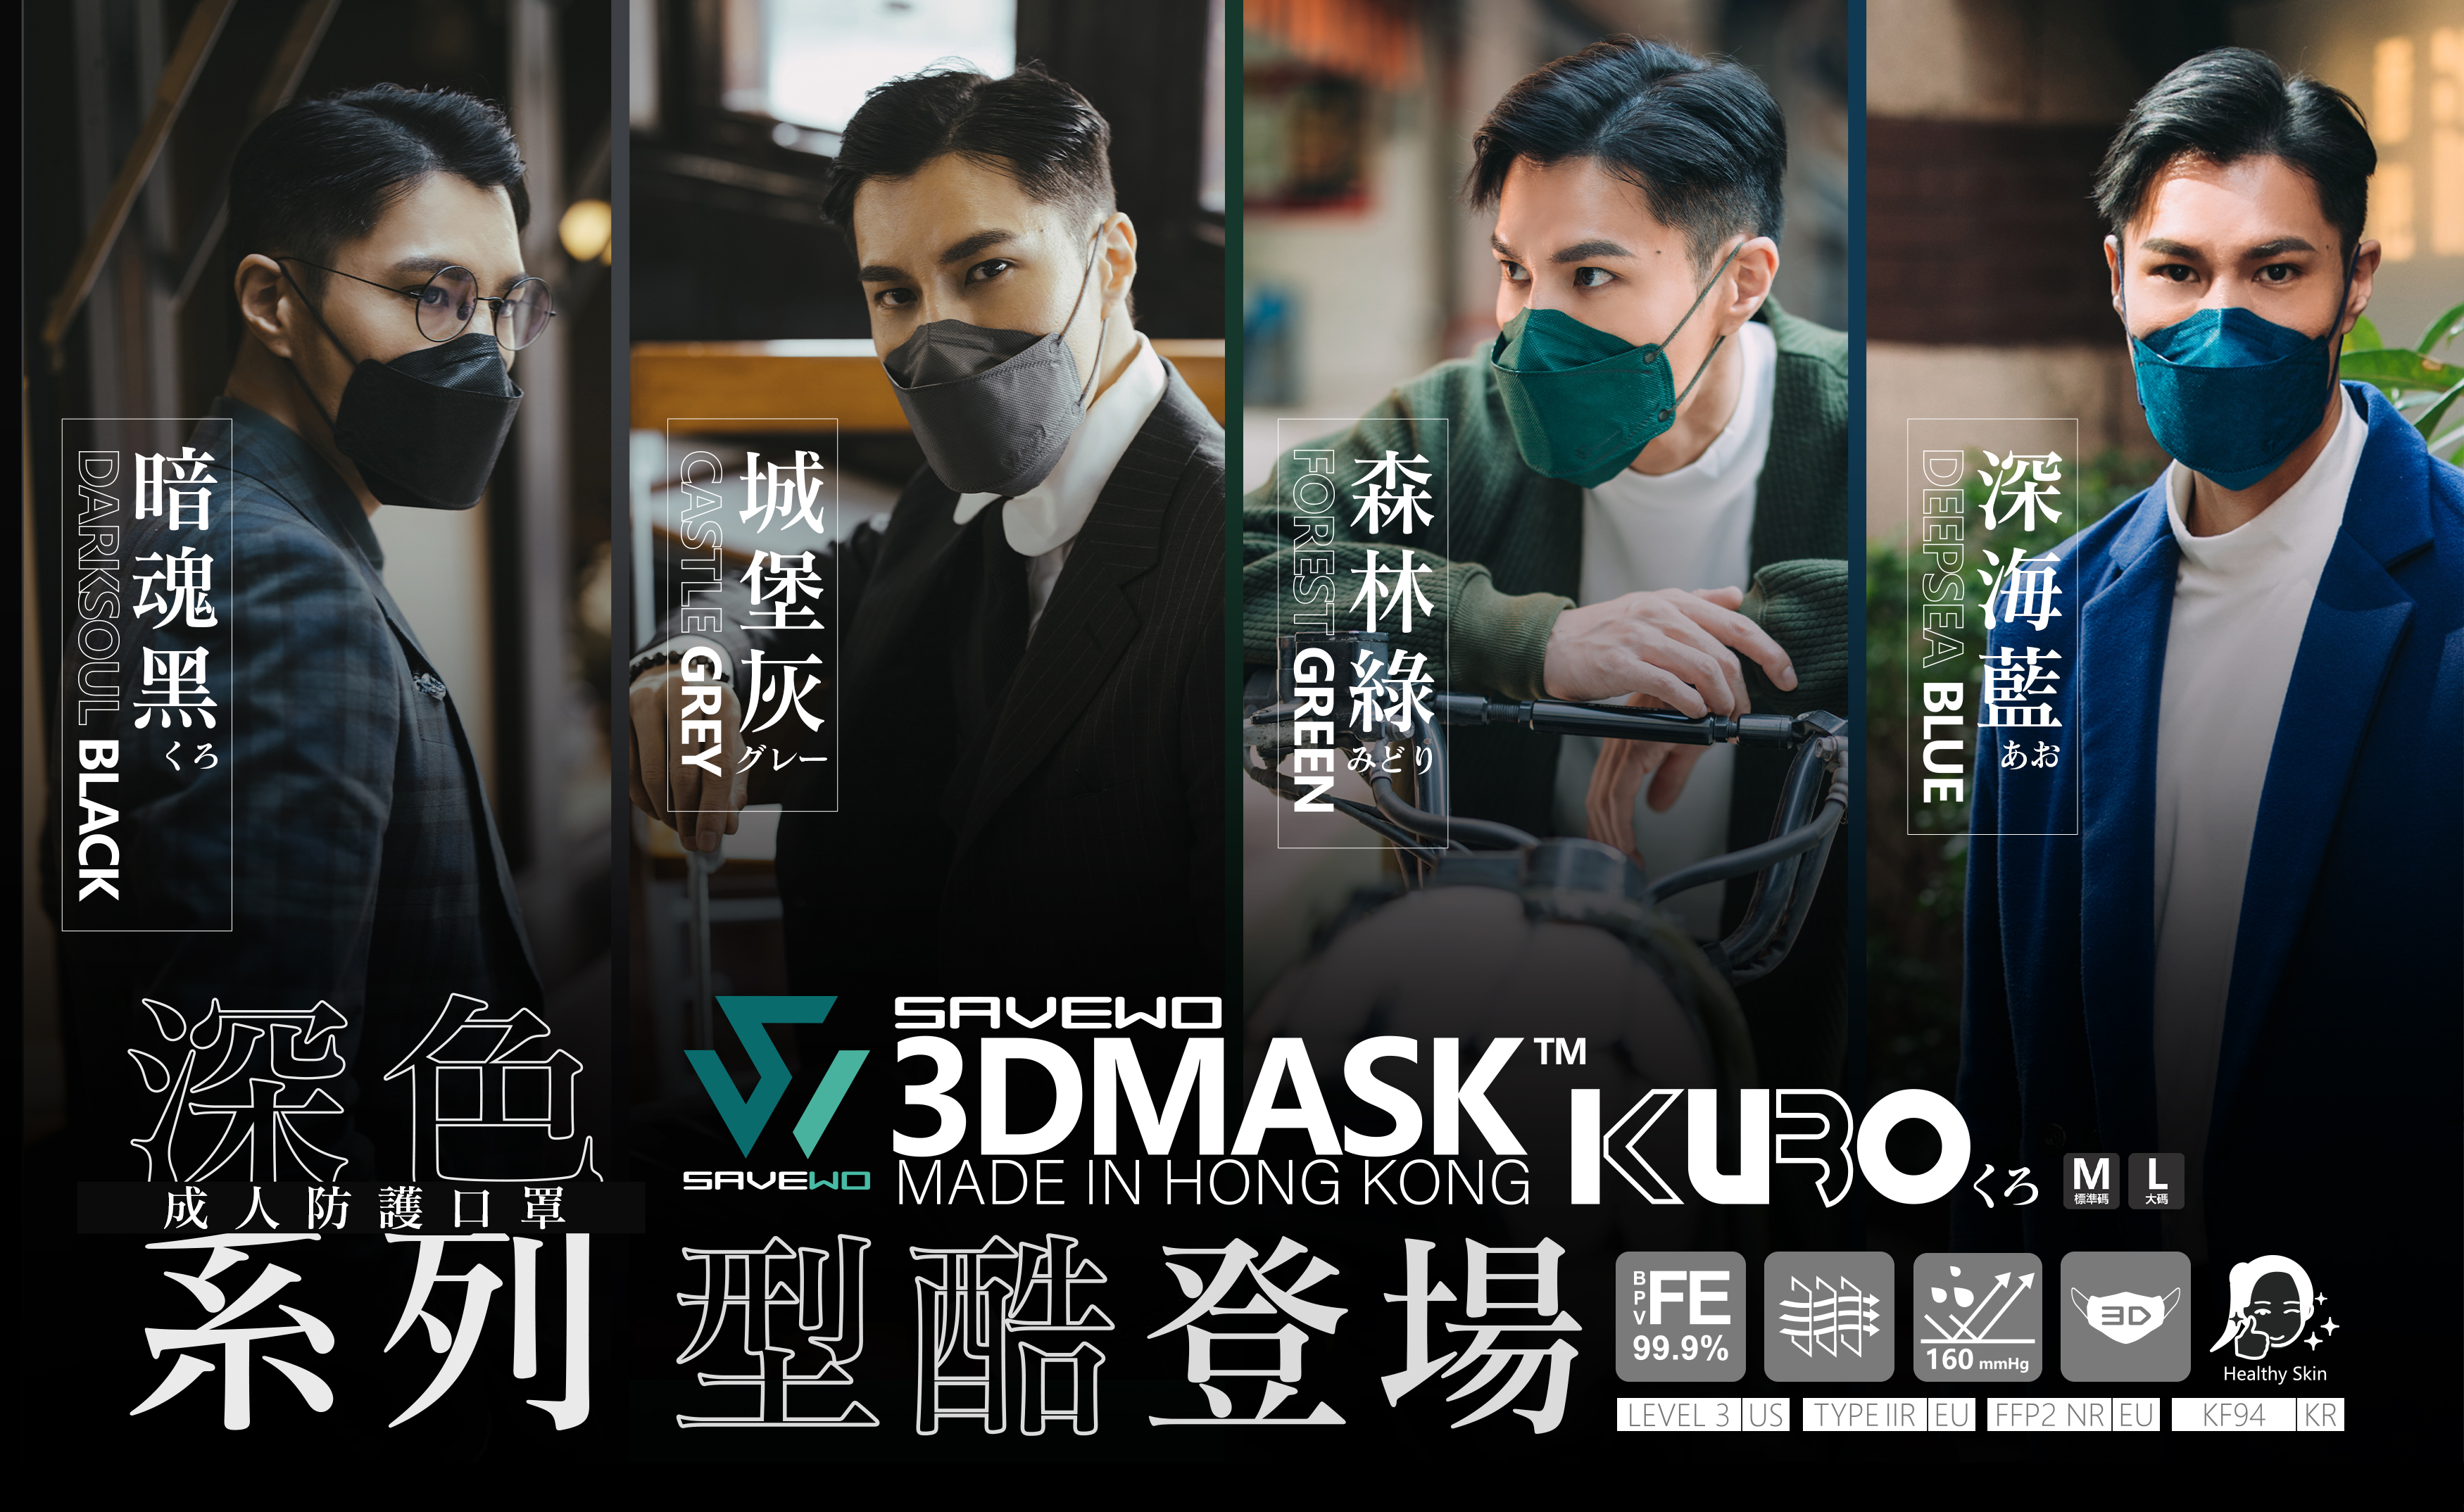 mask-sav-kur-1.jpg